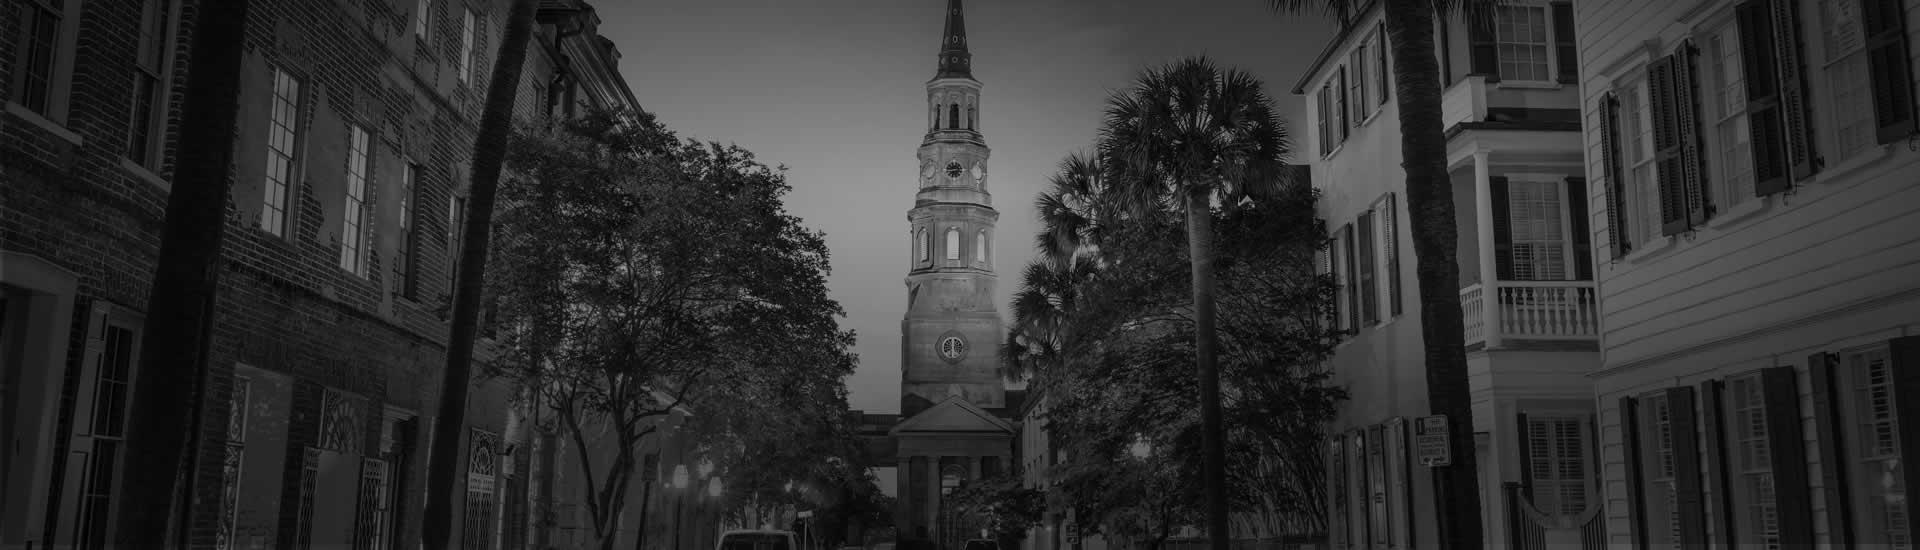 Historic Homes in Charleston, SC – Realtor in Charleston, SC